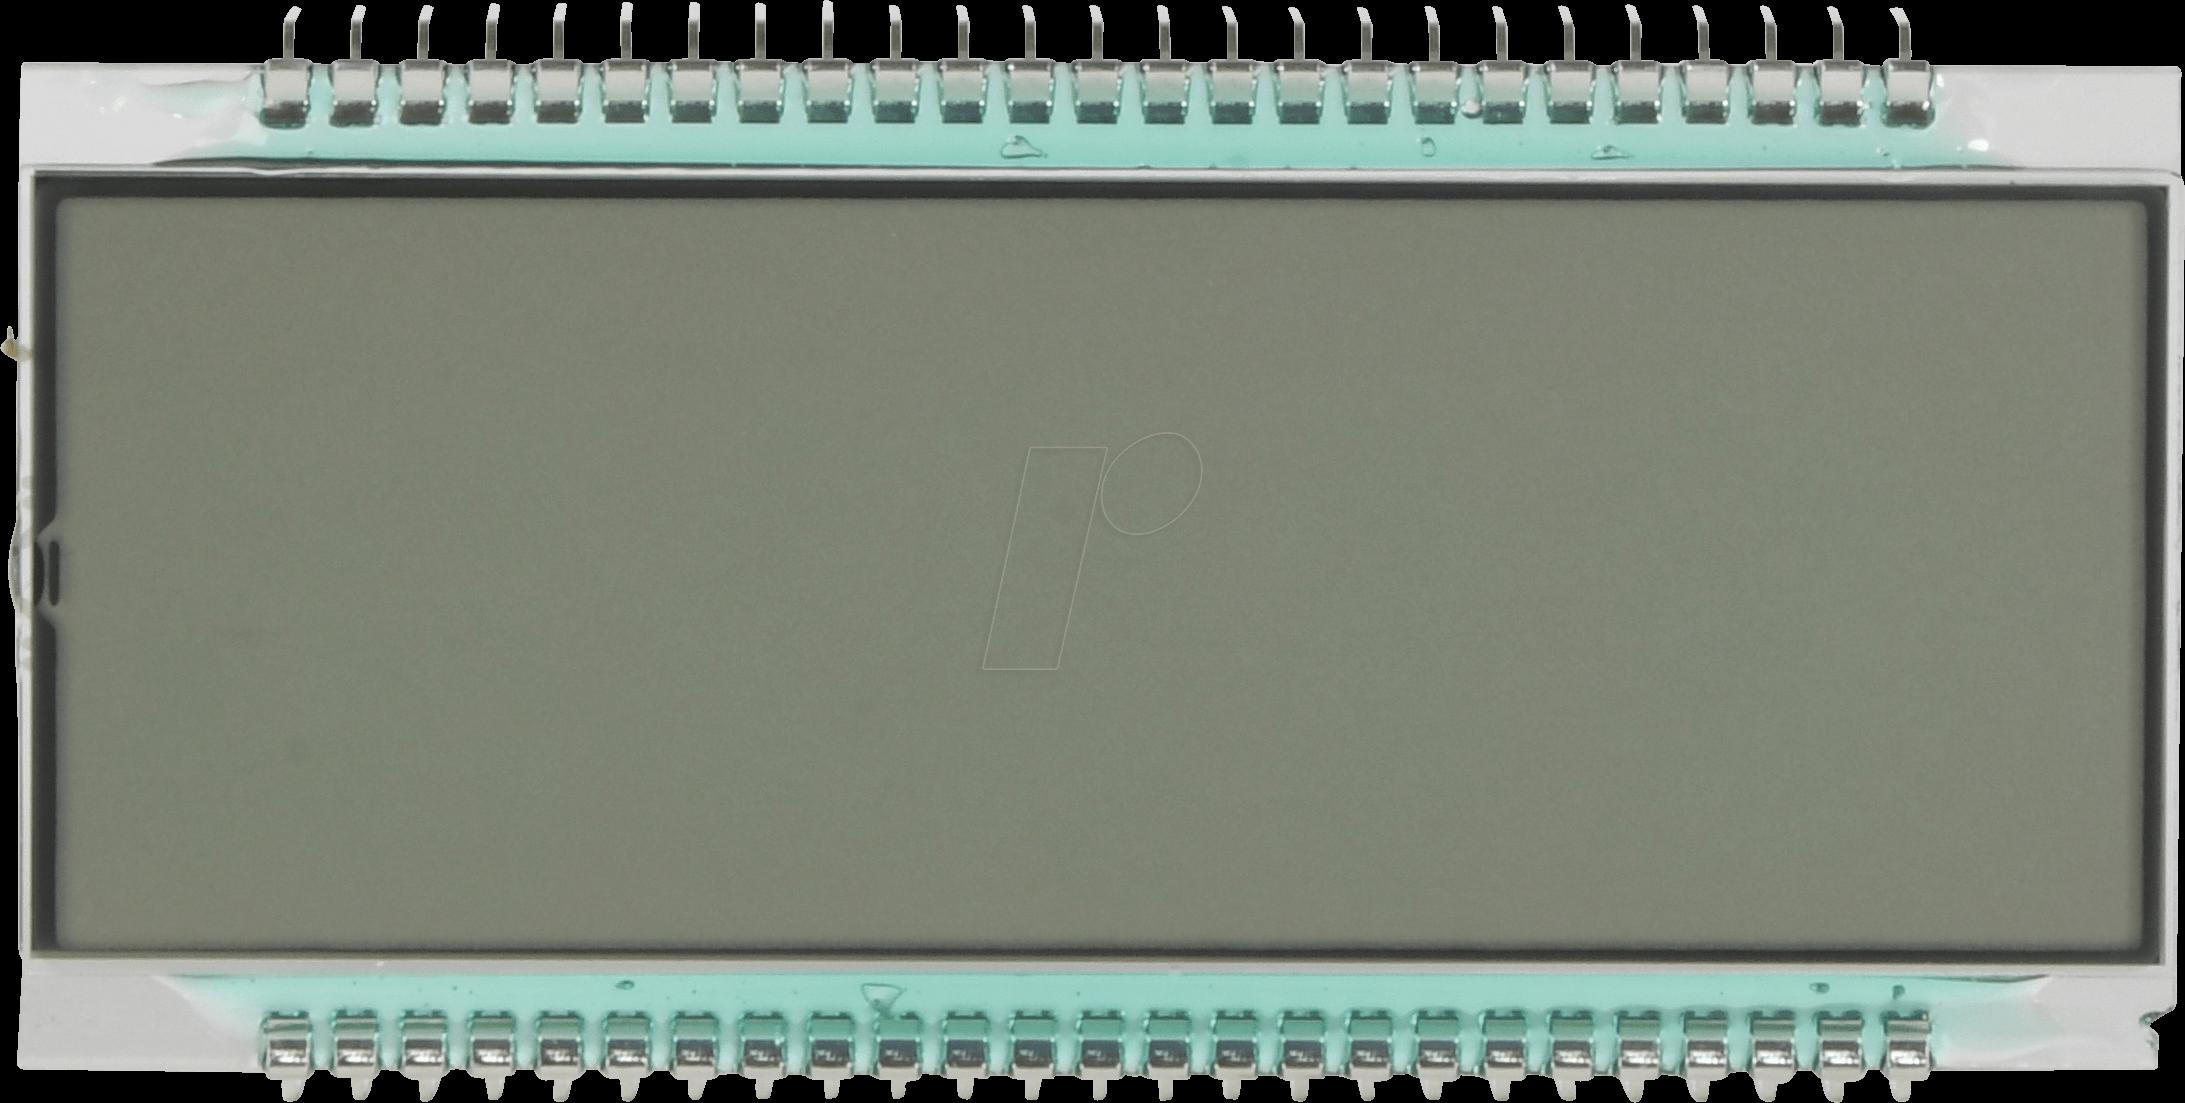 https://cdn-reichelt.de/bilder/web/xxl_ws/A500/LCD-7S_5-18_A.png